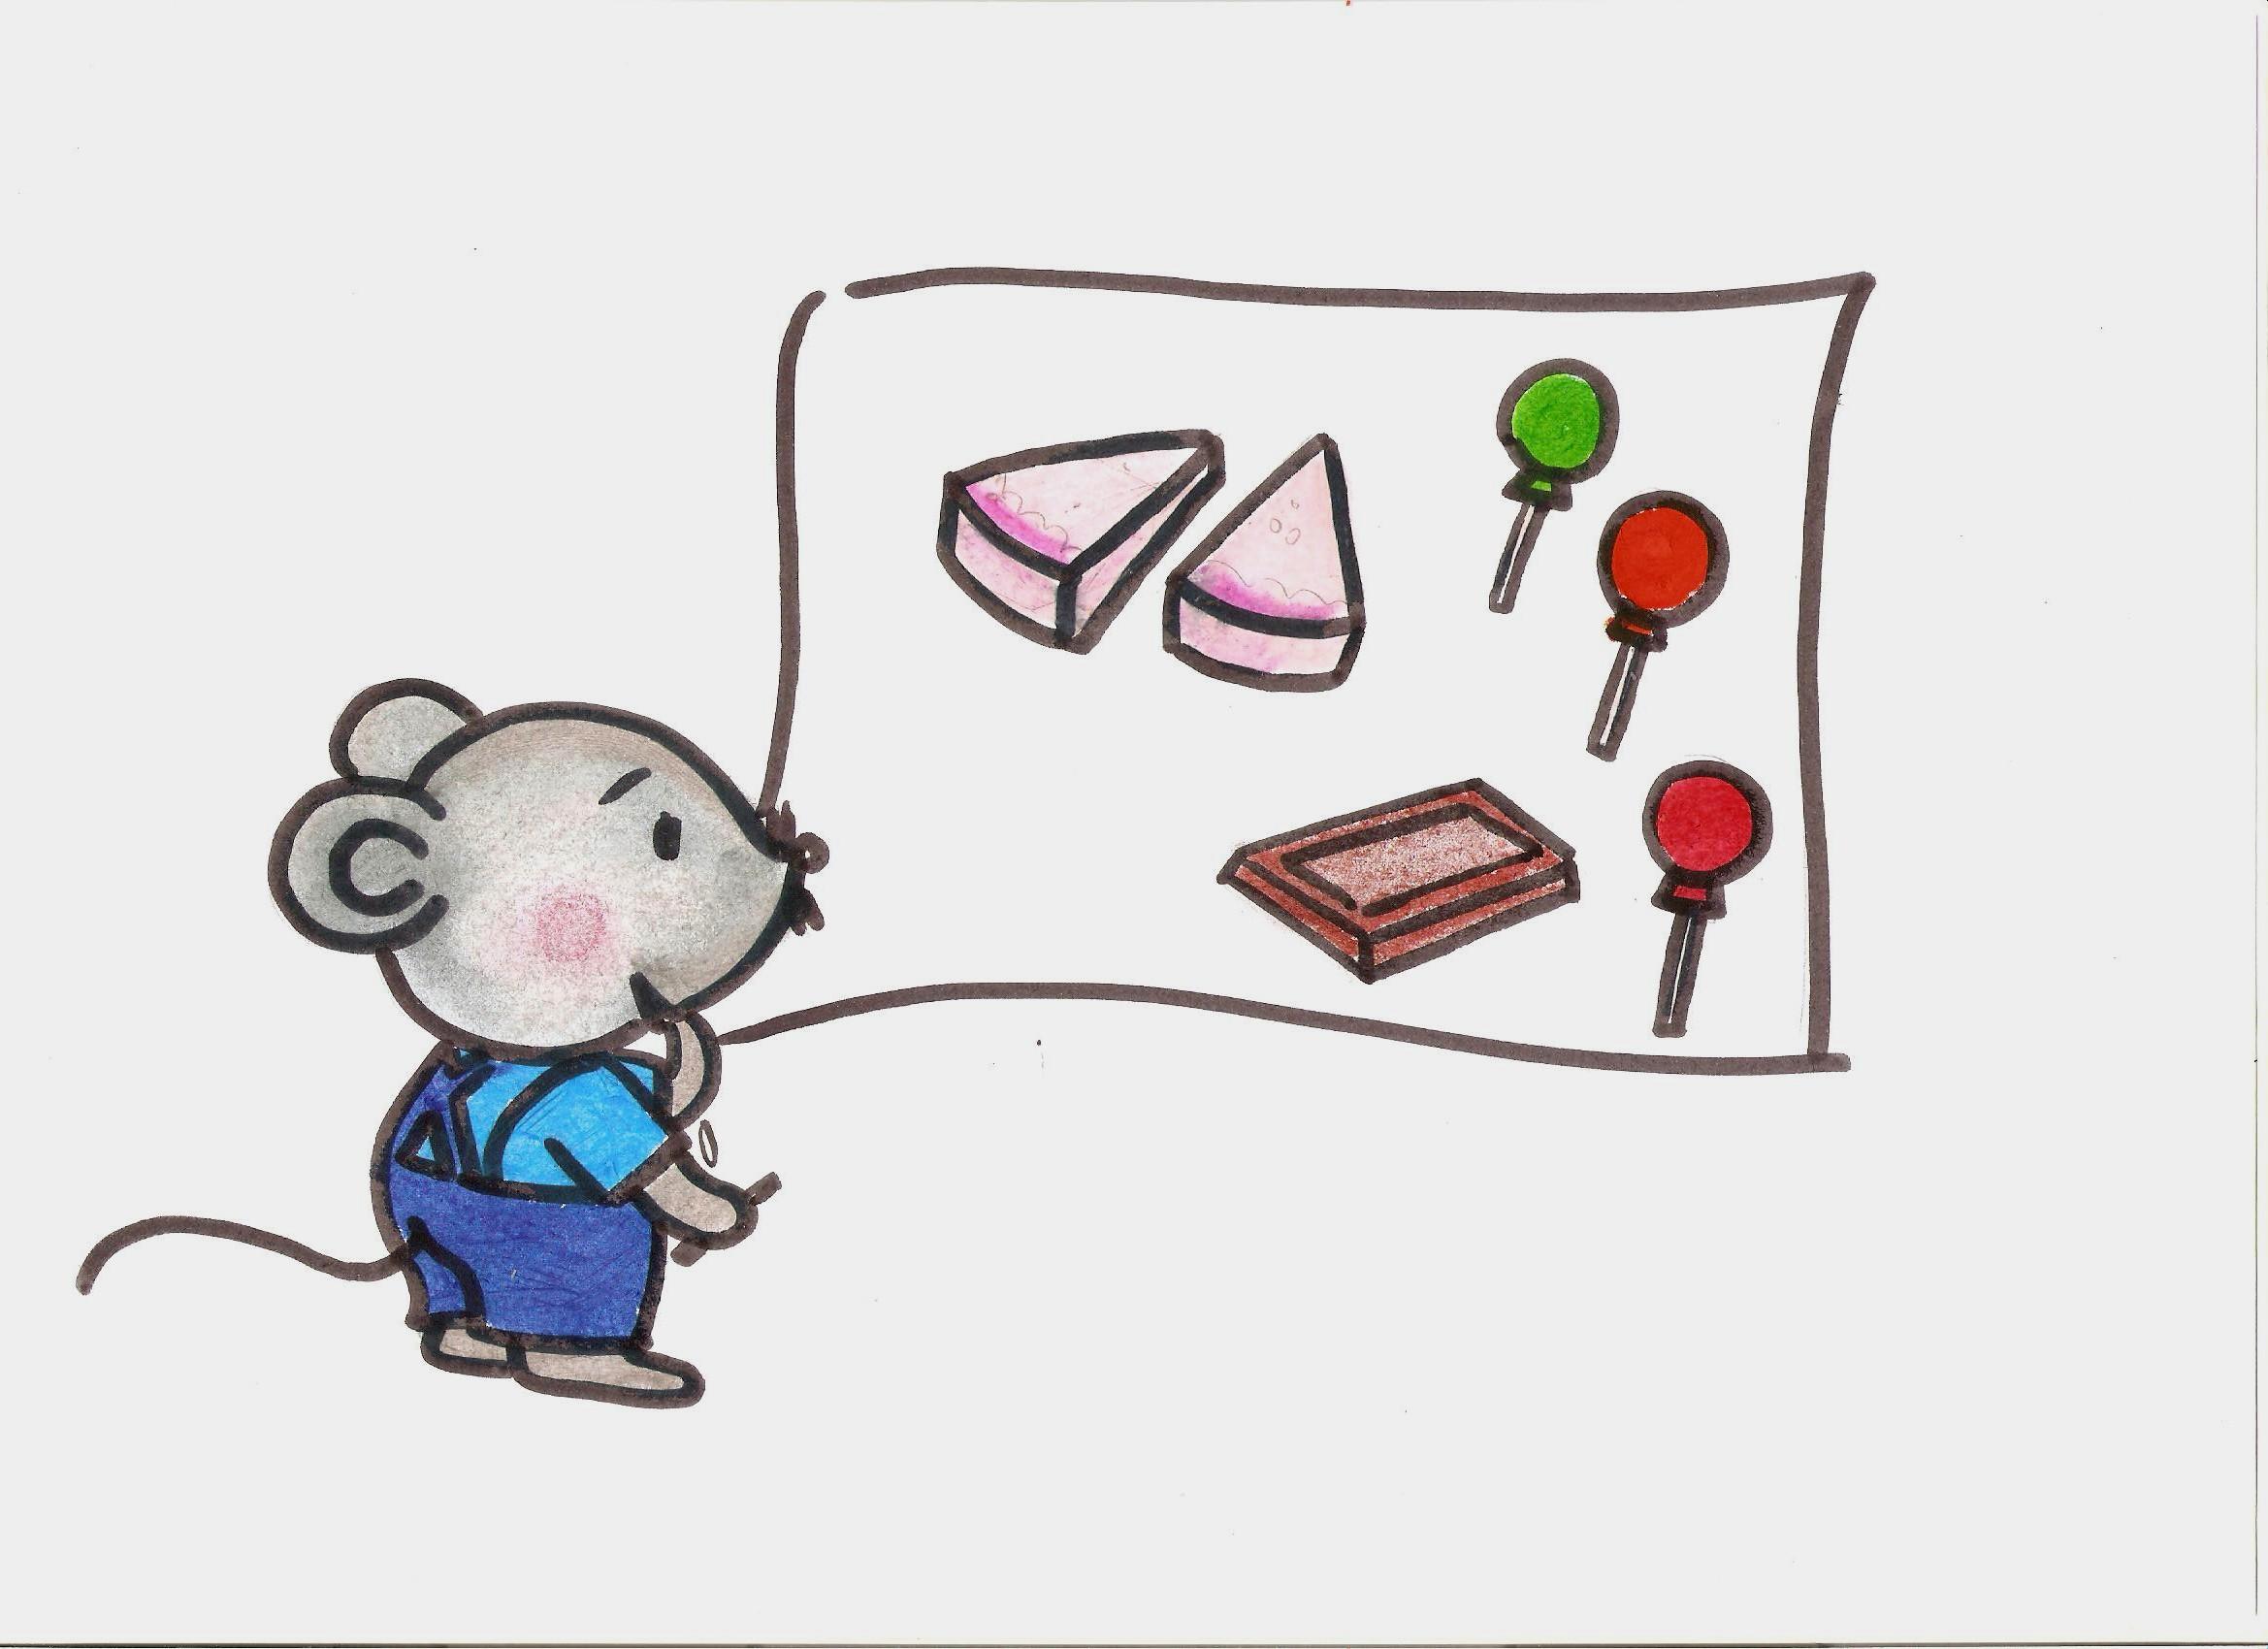 小老鼠的简笔画图片9张第6张